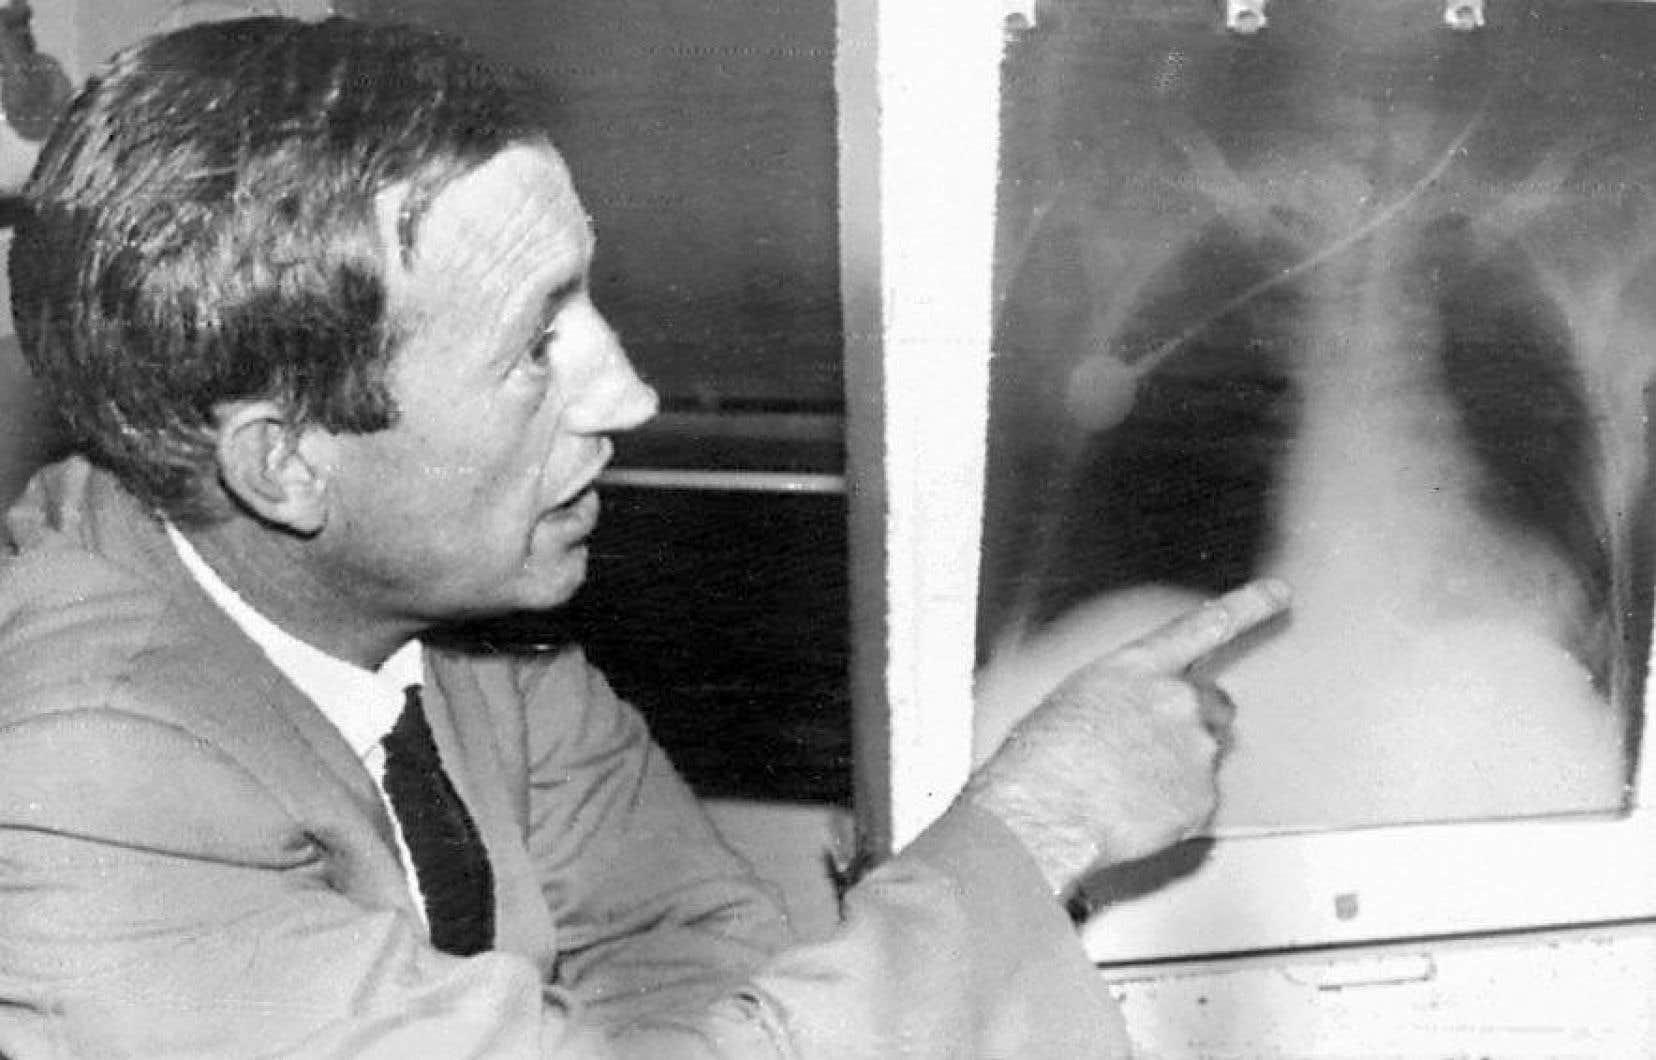 Le DrChristiaan Barnard examine la radio de la poitrine de Louis Washkansky, sur qui il a pratiqué, le 3décembre 1967, la première greffe du cœur.